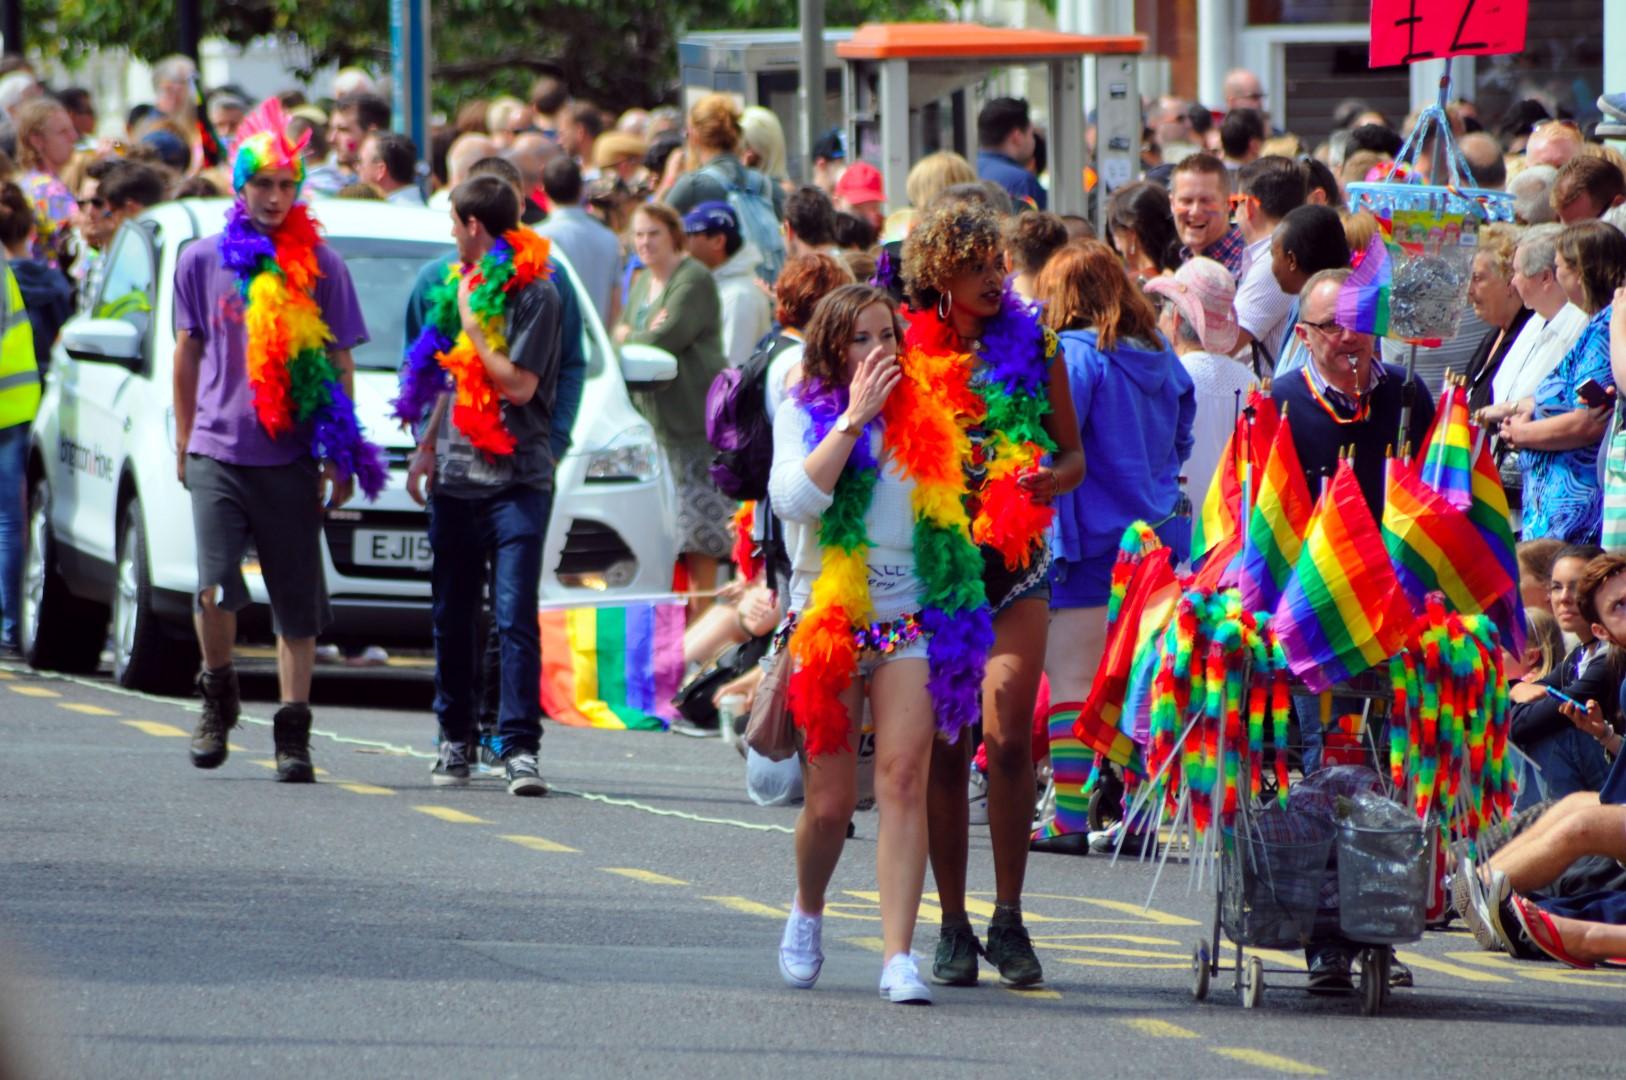 Orgullo Gay de Brighton brighton - 28281201774 97feecac36 o - Brighton, la playa de Londres